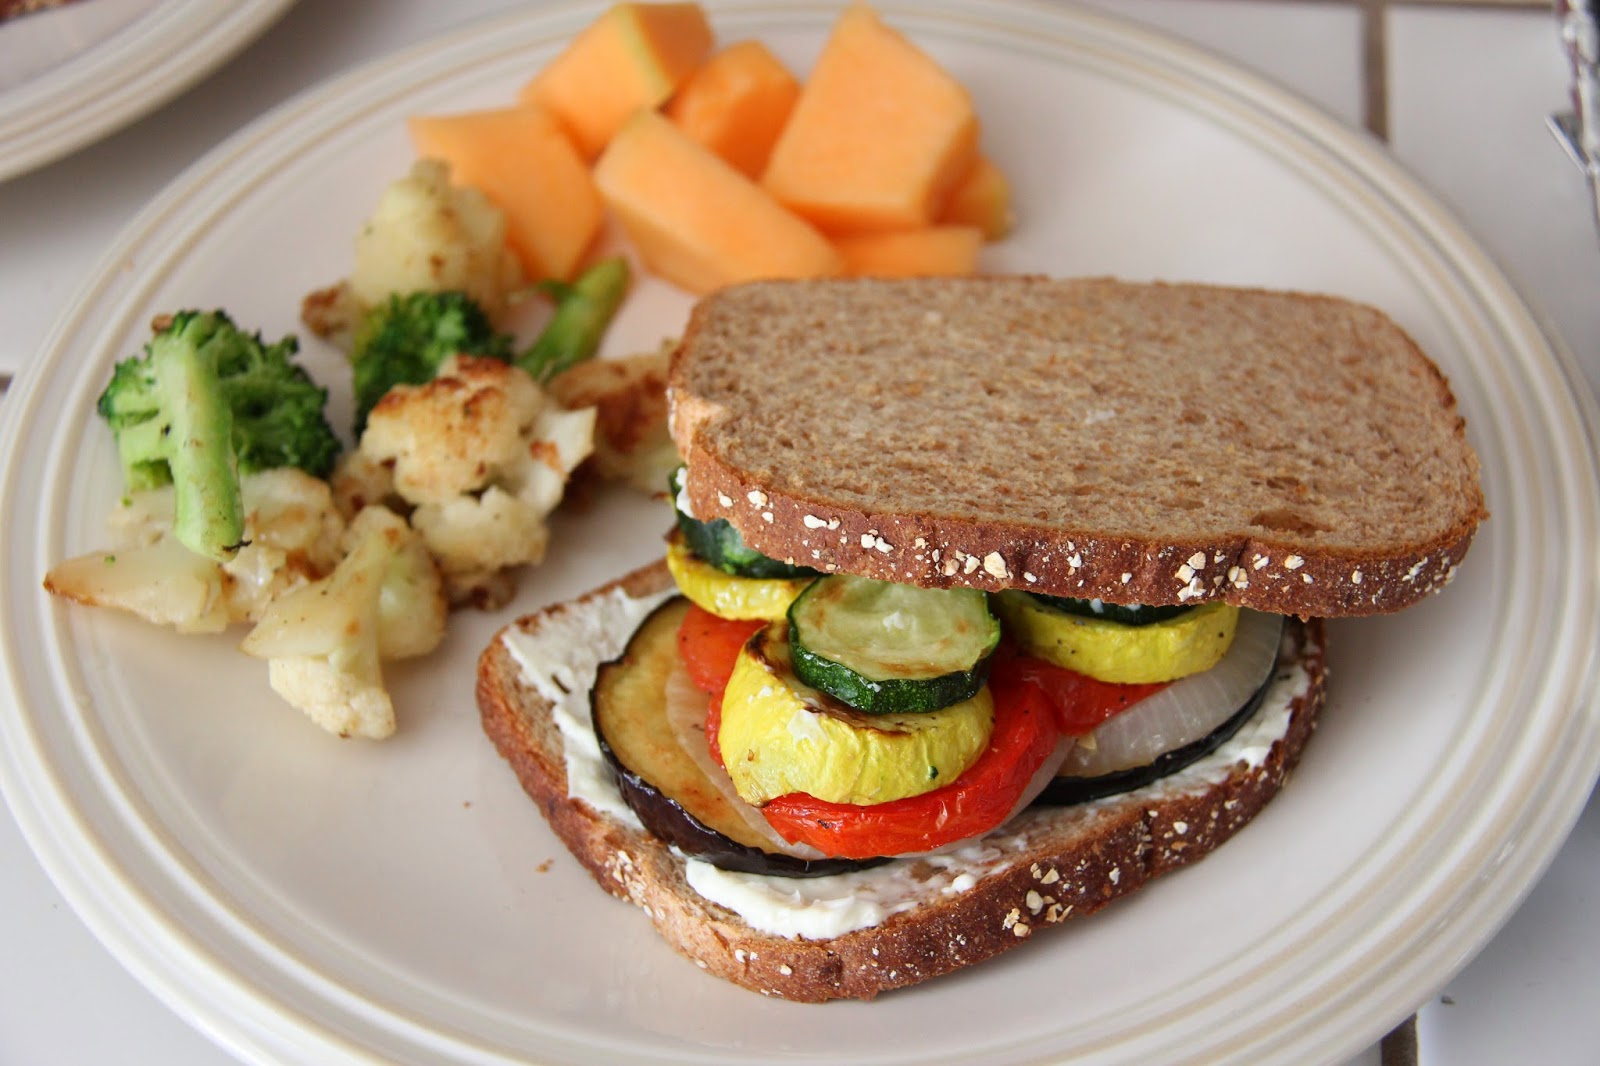 grilled veggie sandwich with garlic spread